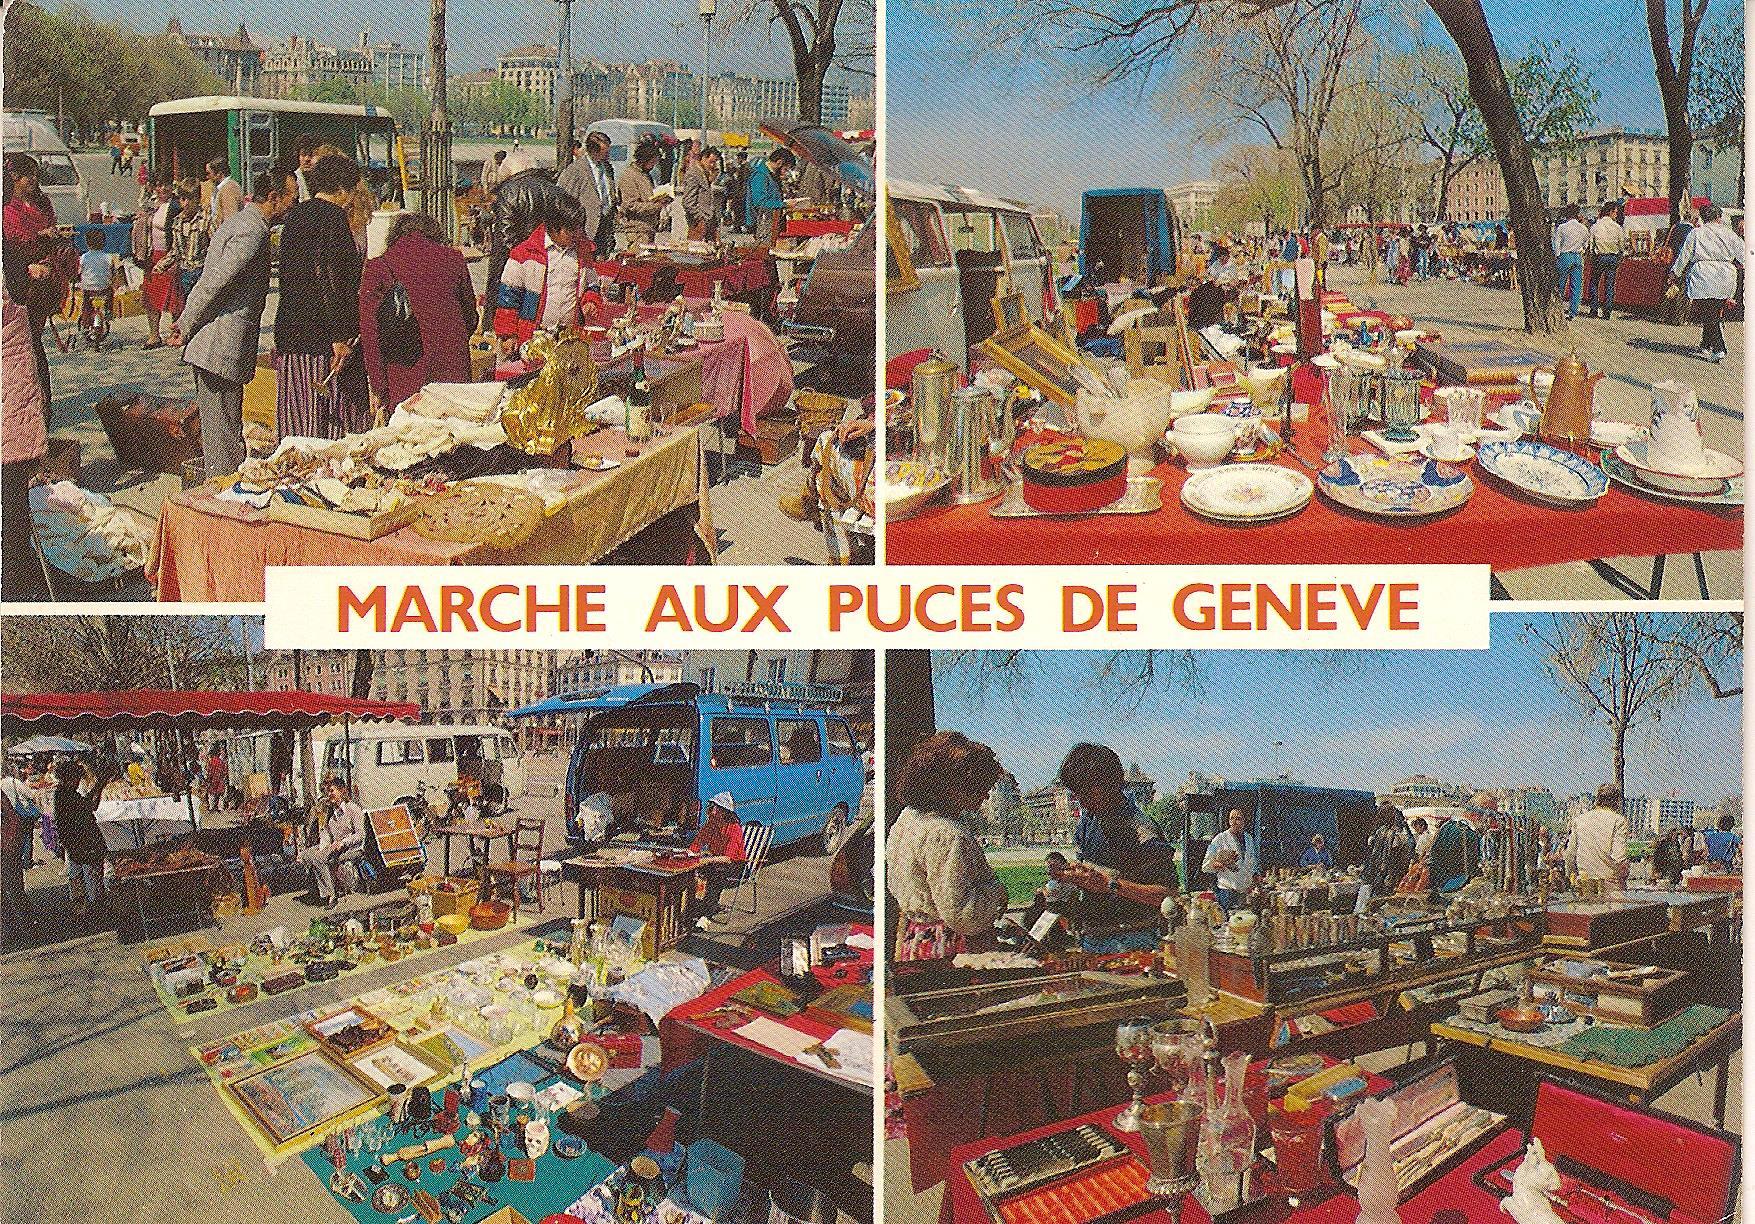 March s plainpalais la fusterie ampg - Marche aux puces dijon ...